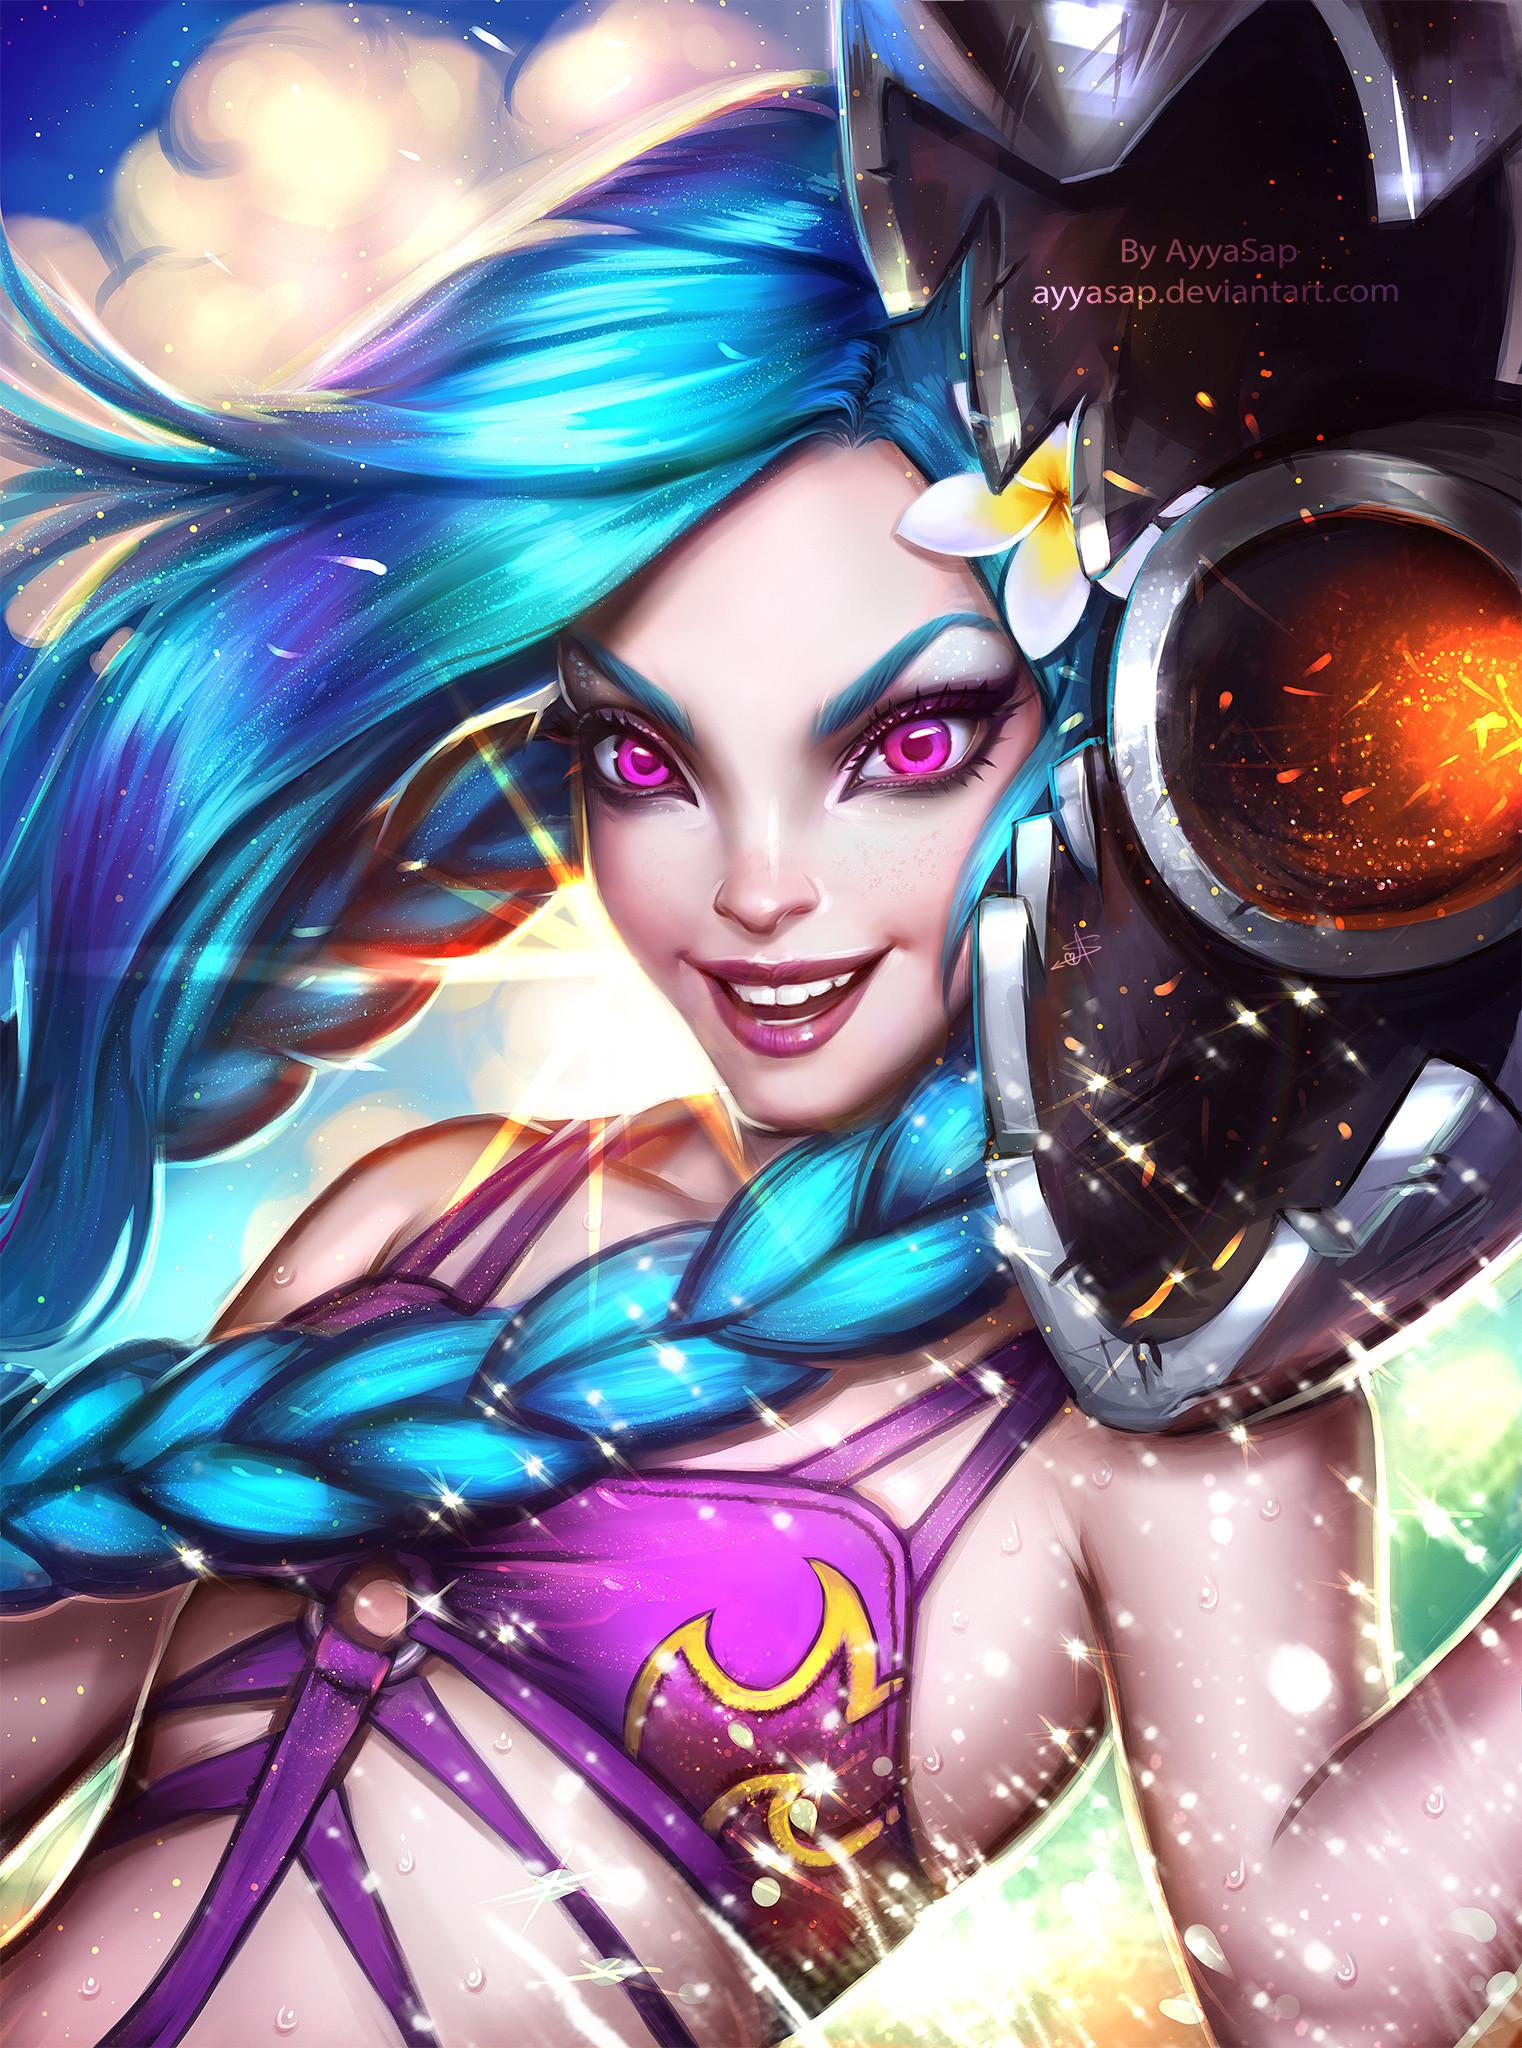 Jinx by AyyaSAP (5) HD Wallpaper Fan Art Artwork League of Legends lol